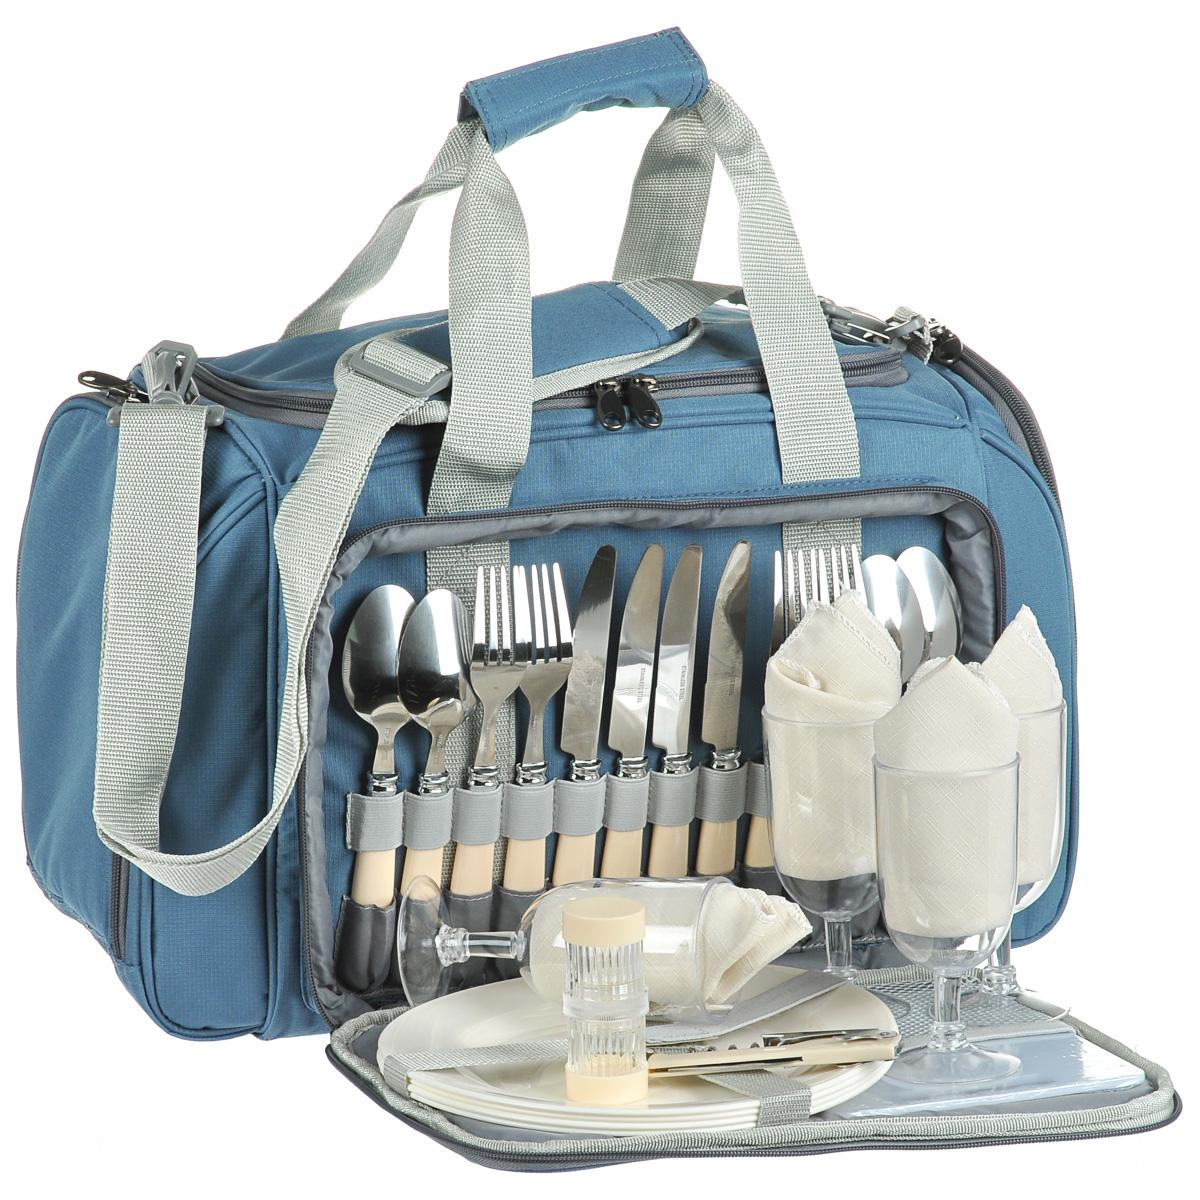 Термосумка Norfin Vardo, с посудой, цвет: голубой, серый, 52 см х 30 см х 31 смNFL-40106Сумка Norfin Vardo с набором для пикника на 4 персоны и с легкомоющимся термоотделением для продуктов объемом 20 л. Сумка оснащена двойными ручками и регулируемым по длине наплечным ремнем.В комплект входит посуда и принадлежности для пикника:4 ложки.4 вилки.4 ножа4 тарелки. 4 бокала.4 тканевые салфетки.Разделочная доска.Открывалка-штопор.Солонка двухсекционная.Нож сырный.Длина ножей: 21 см.Длина вилок: 20 см.Длина ложек: 19 см.Диаметр тарелок: 23,5 см.Высота тарелок: 2 см.Диаметр бокалов: 6,5 см.Высота бокалов: 14 см.Размер салфеток: 34 см х 34 см.Размер разделочной доски: 18 см х 15 см.Длина открывалки-штопора: 11 см.Диаметр солонки: 3,5 см.Высота солонки: 8 см.Длина сырного ножа: 21 см.Размер сумки: 52 см х 30 см х 31 см.